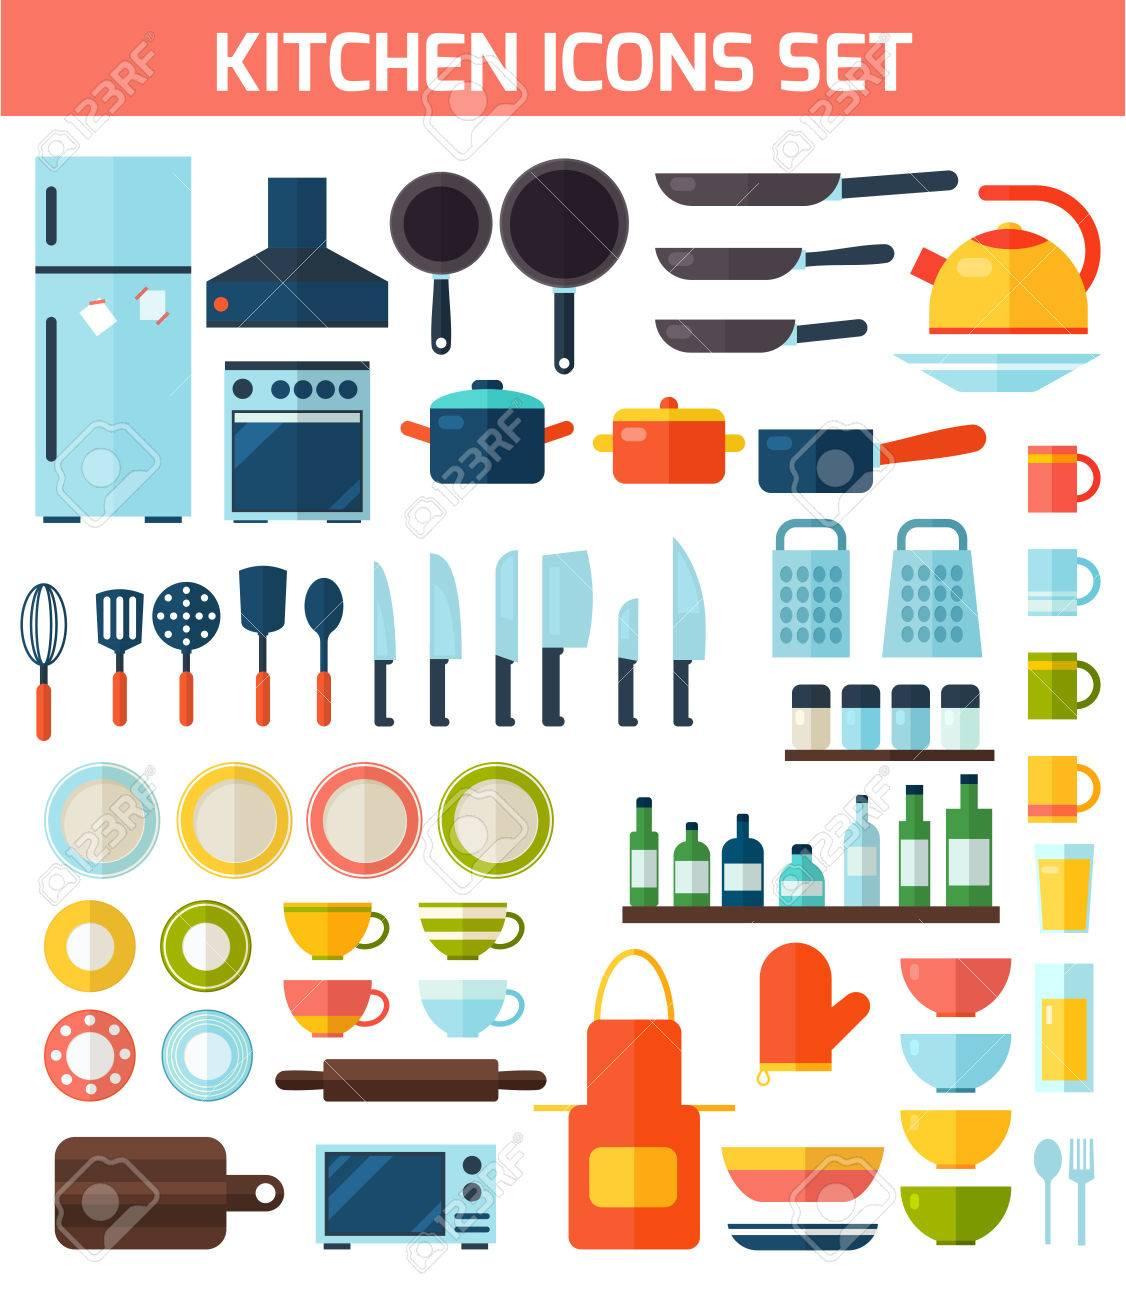 Herramientas De Cocina Y Equipo De Cocina Colección De Símbolos ...